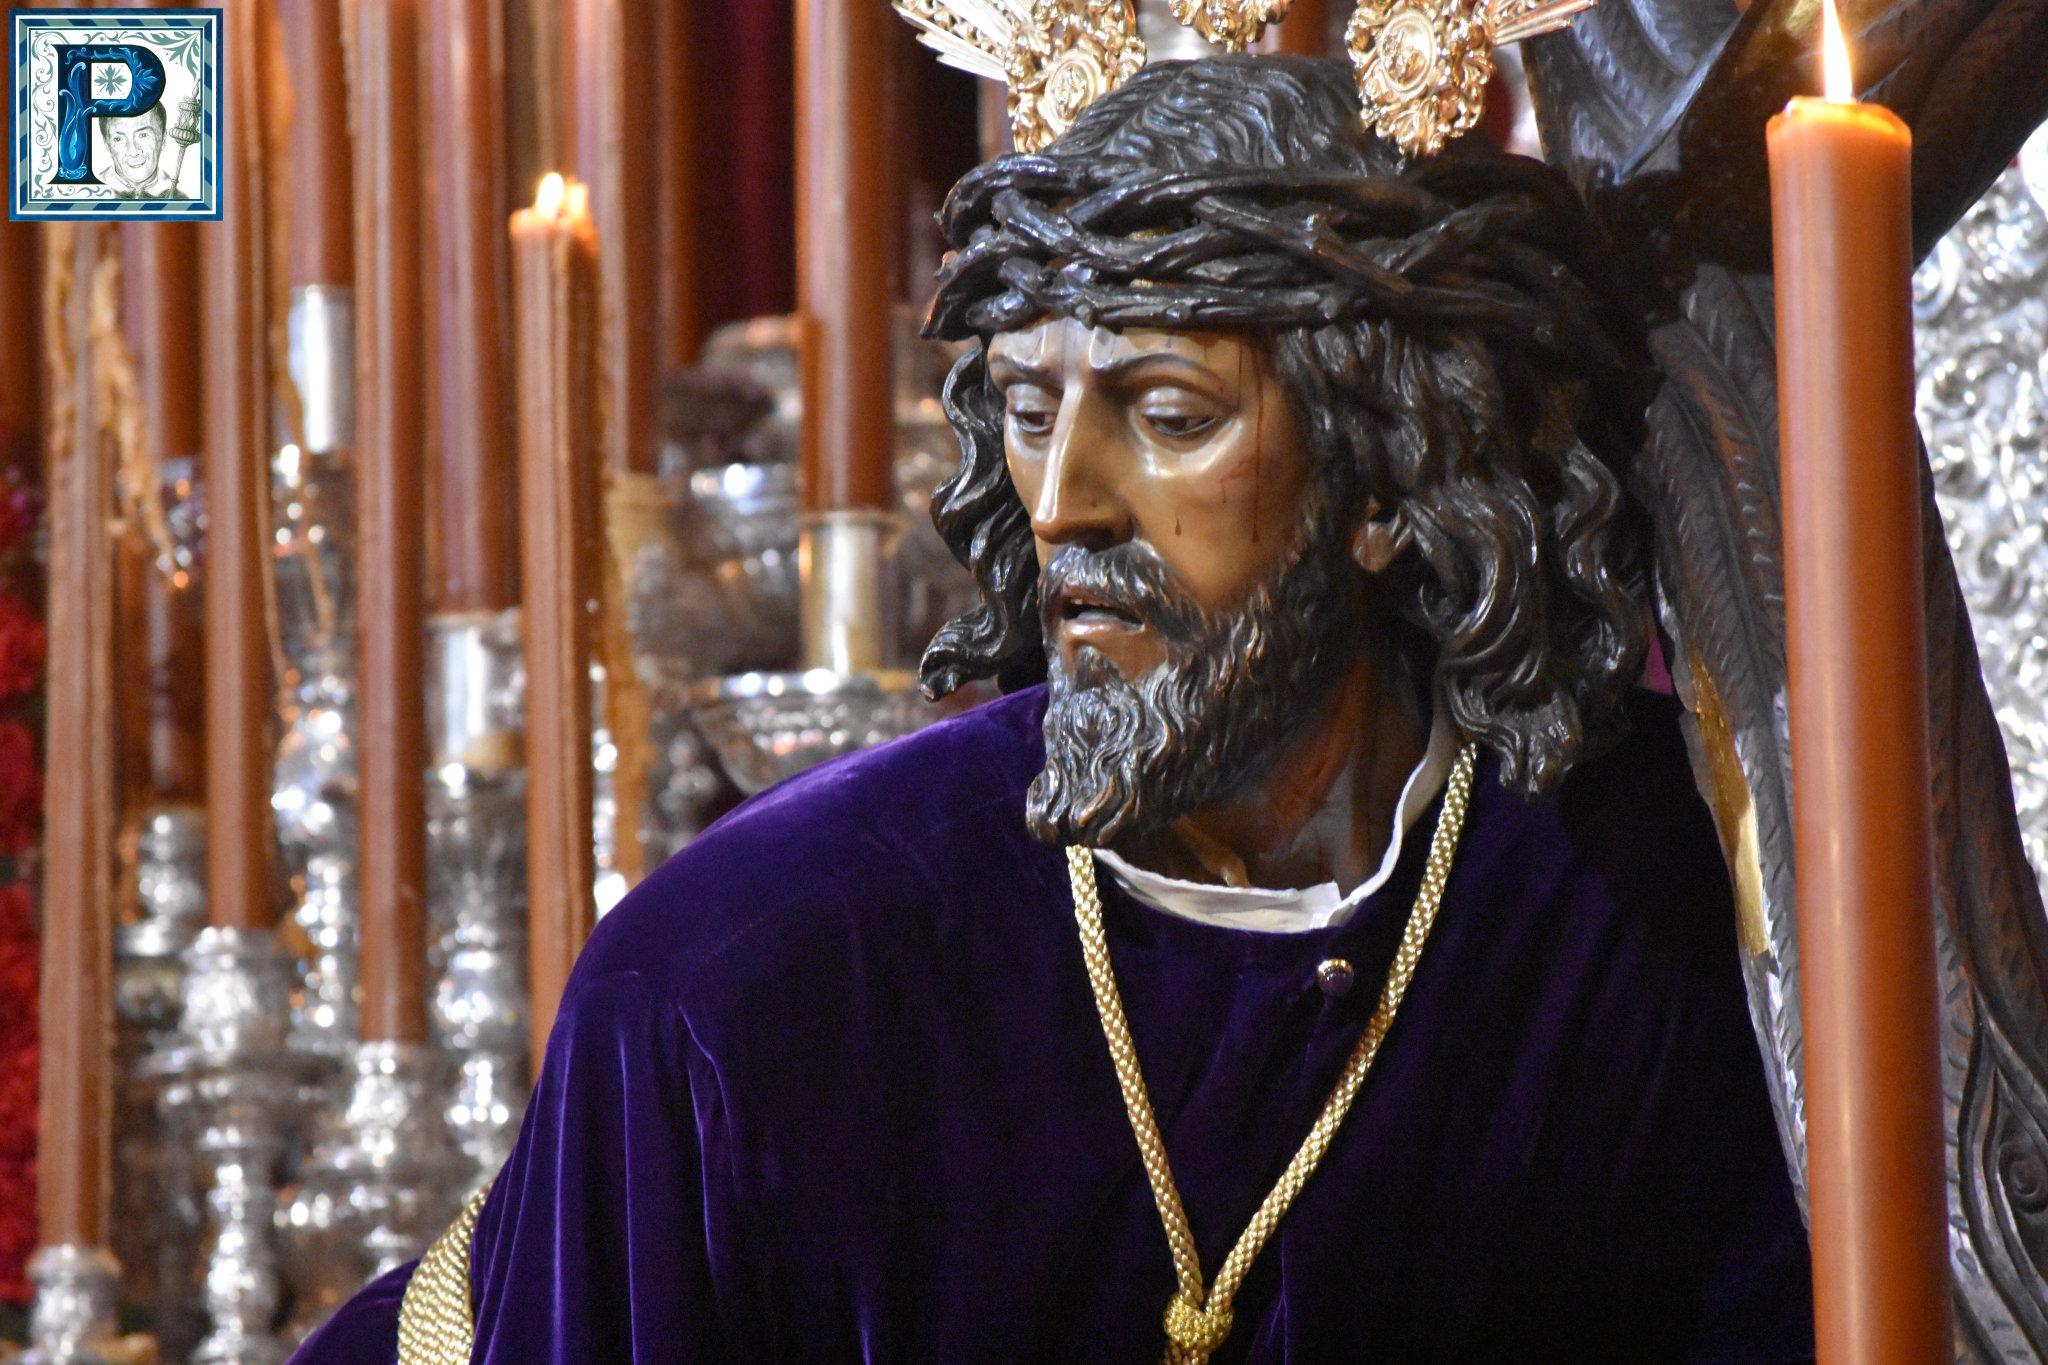 Las Tres Caídas se traslada hoy al Convento Santa María de Gracia